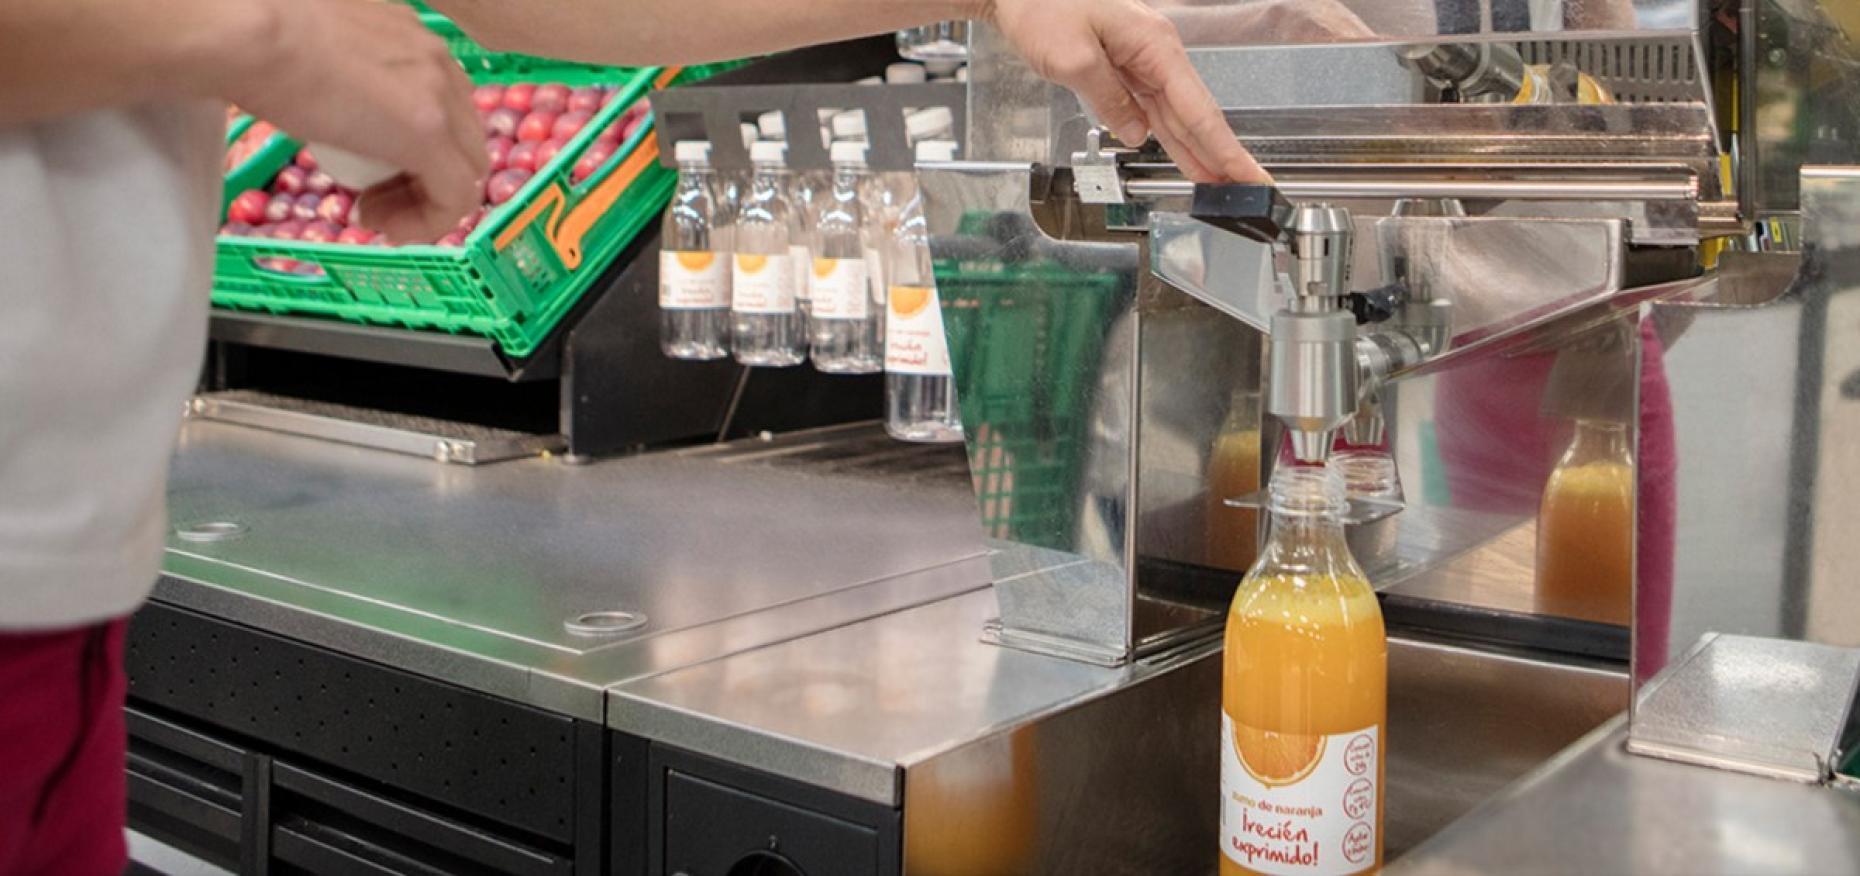 Mercadona vuelve a ofrecer uno de sus productos más vendidos | Business  Insider España